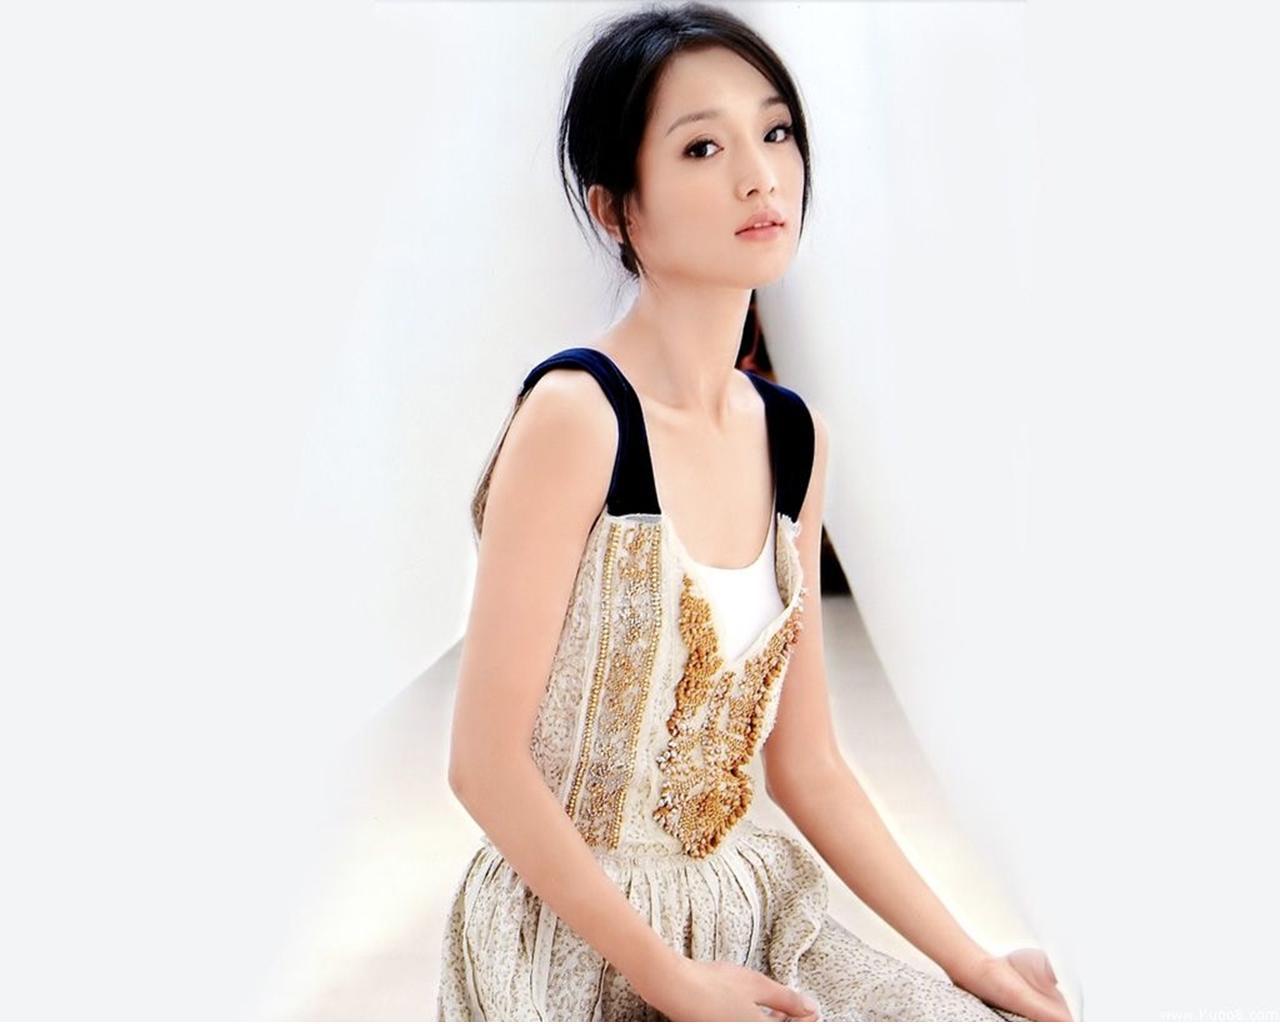 Картинка Zhou Xun Знаменитости чжоу сюнь